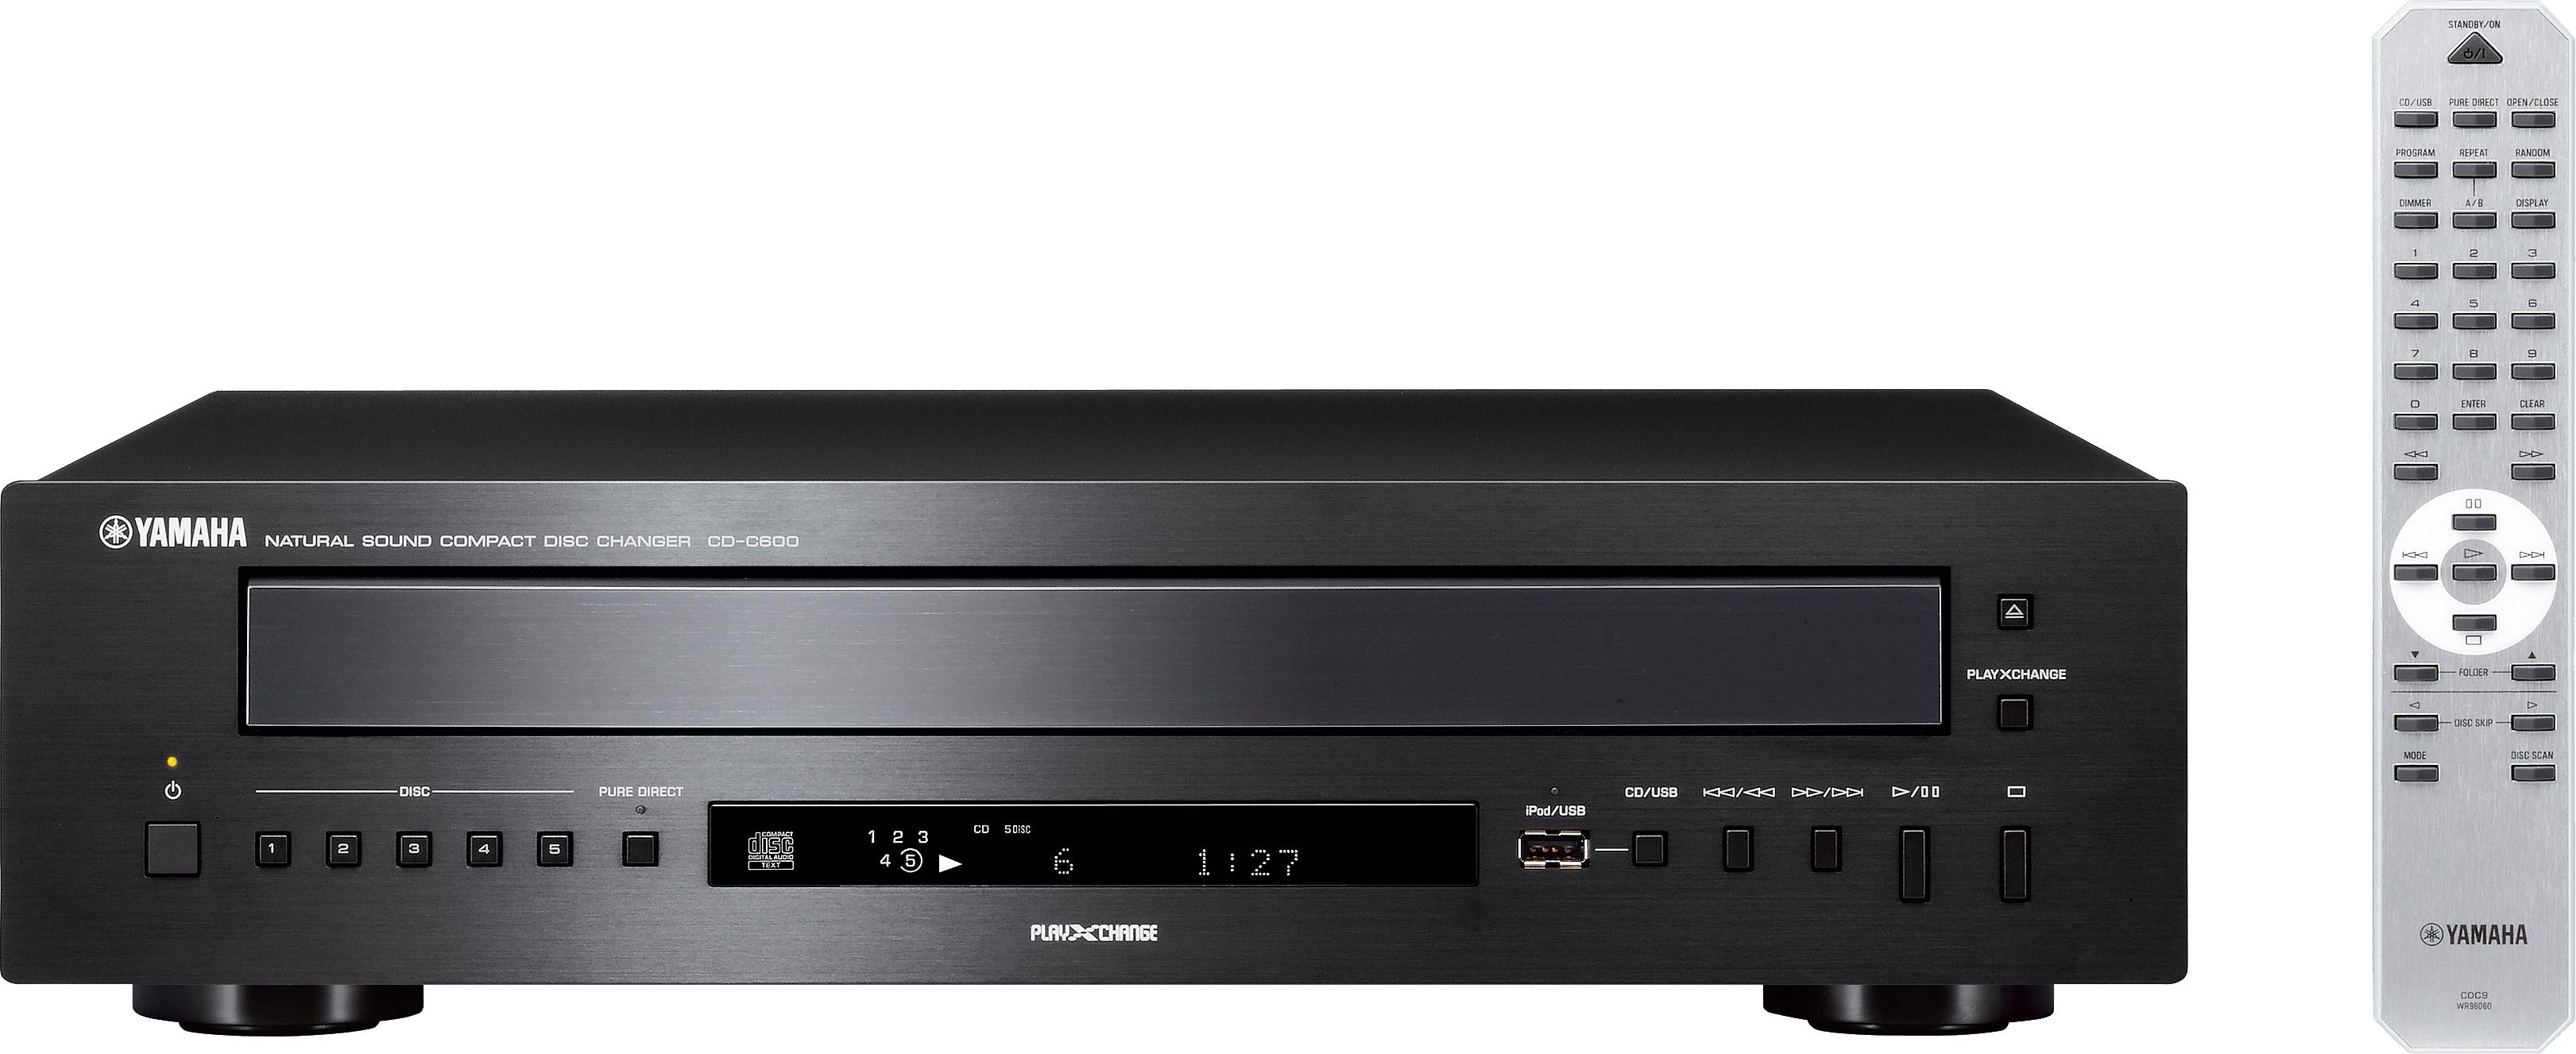 Yamaha CD-C600 CD-speler goedkoop op otto.nl kopen